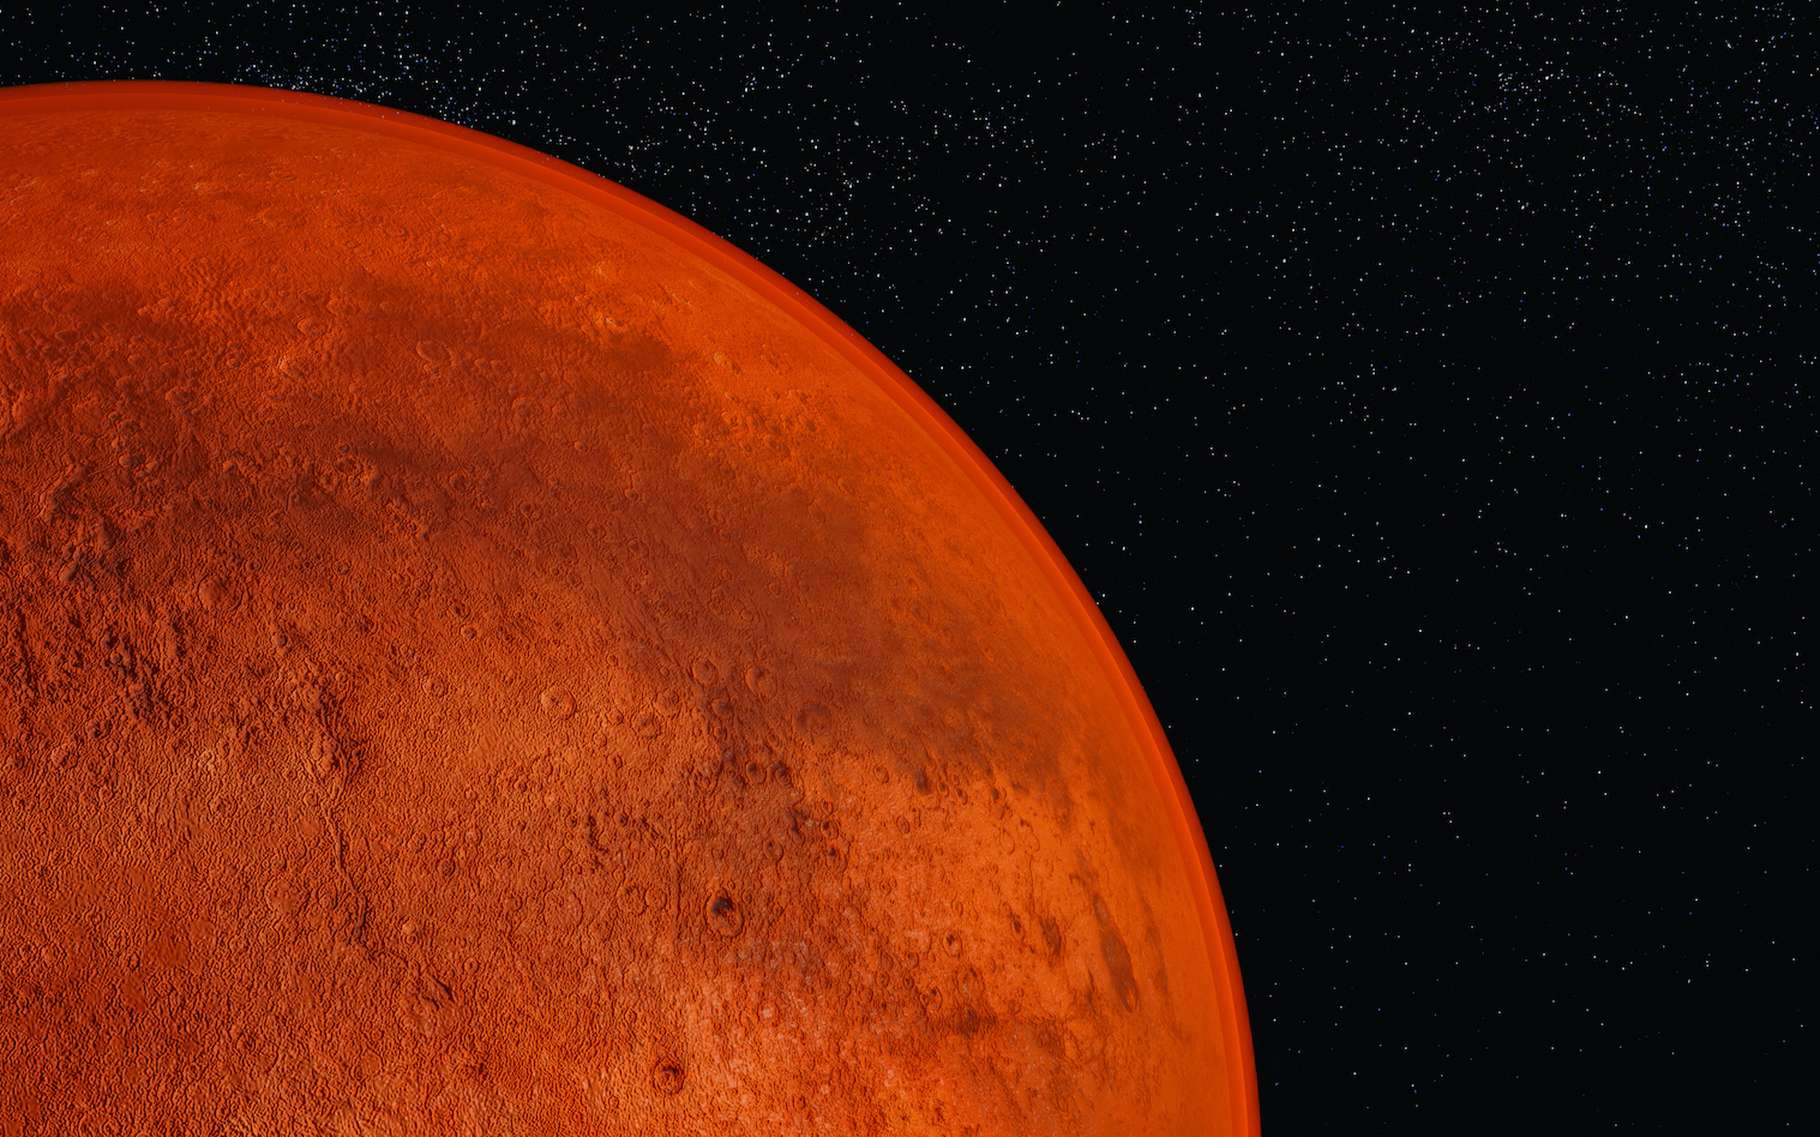 La planète Mars se présente aujourd'hui à nous comme un monde désertique. Mais cela n'a pas toujours été le cas. Pour expliquer comment l'eau qui coulait sur la Planète rouge il y a des milliards d'années a disparu, des chercheurs de l'Institut de technologie de Californie (Caltech, États-Unis) suggèrent aujourd'hui un piégeage par la croûte martienne. © rtype, Adobe Stock